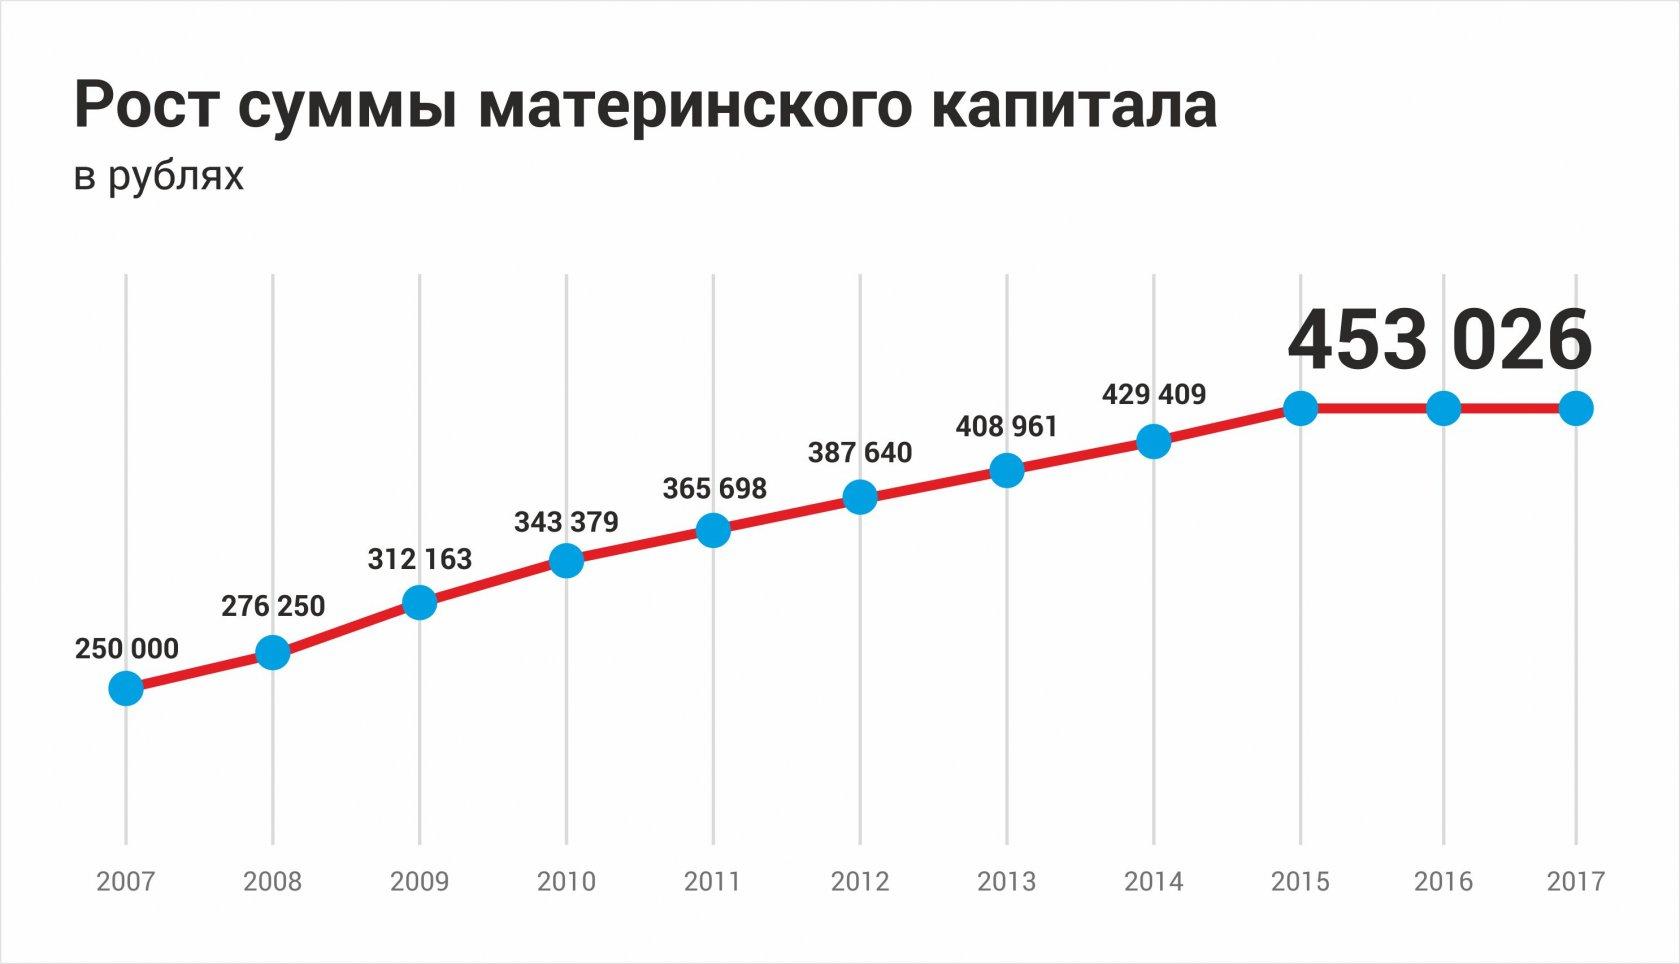 На сколько увеличится материнский капитал в 2018